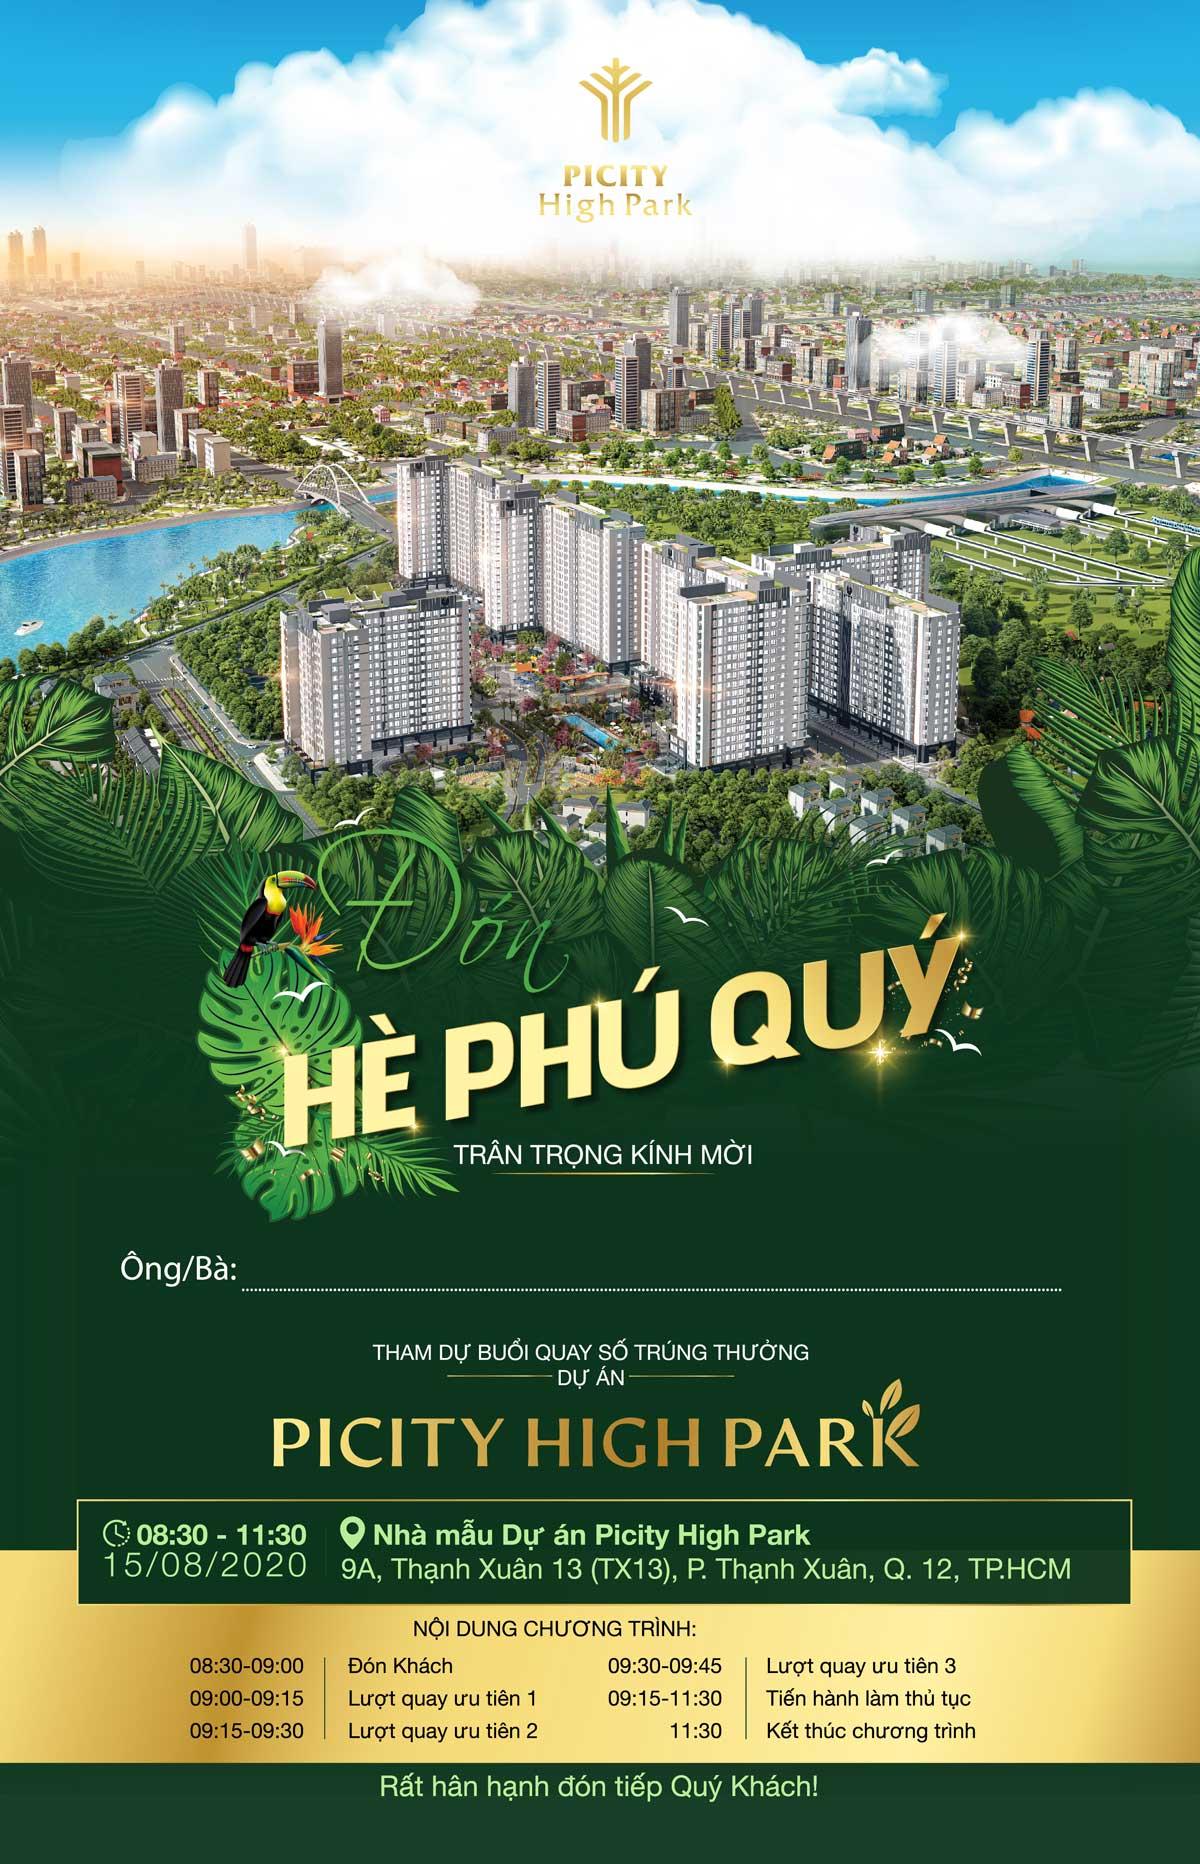 thu moi chuong trinh he phu quy cua du an picity high park - Chương trình Hè Phú Quý cùng Picity High Park